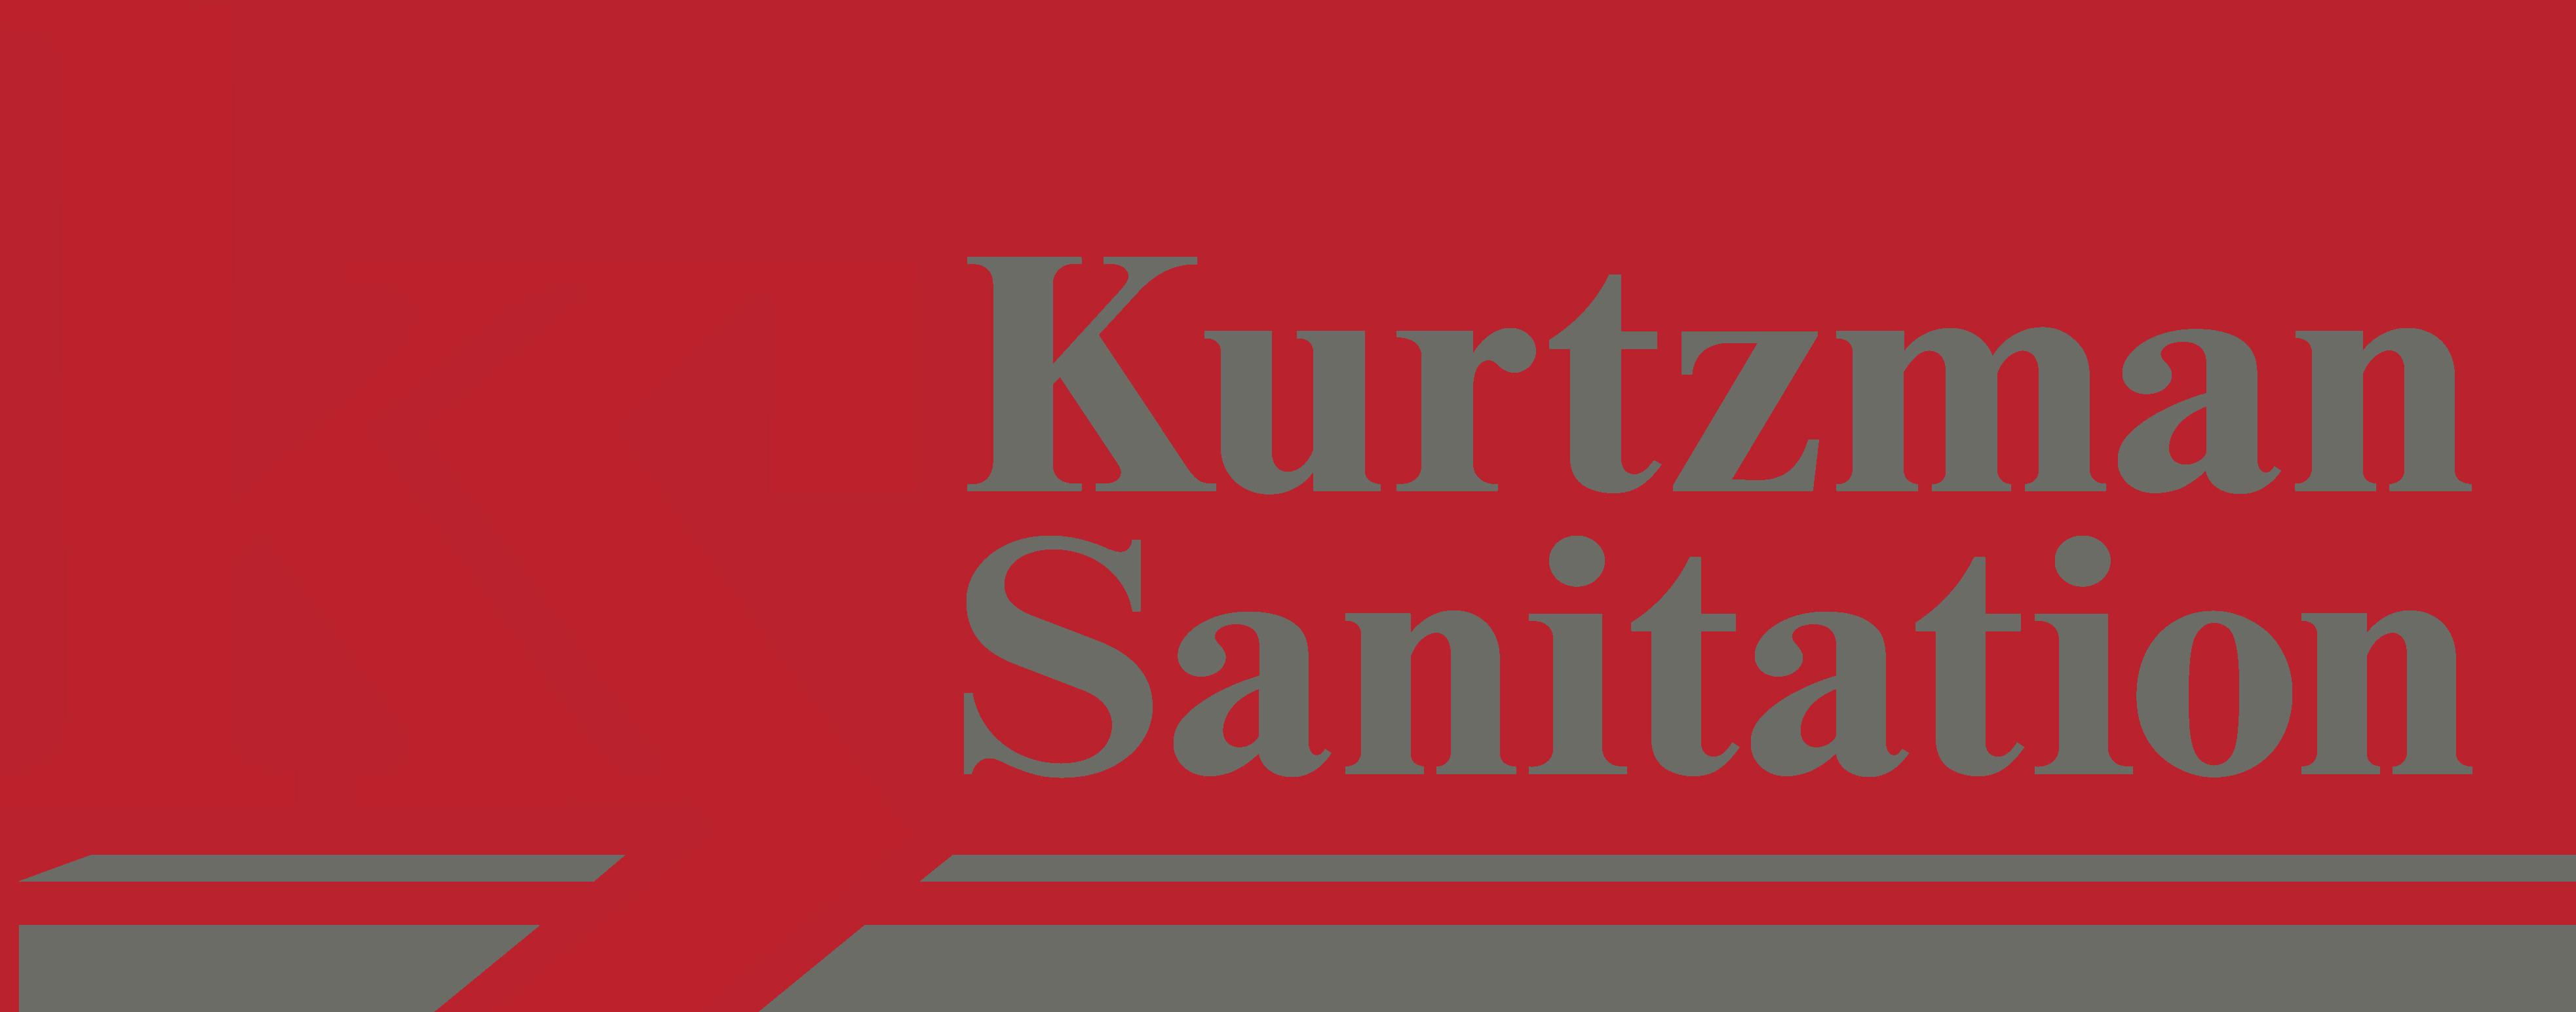 Kurtzman